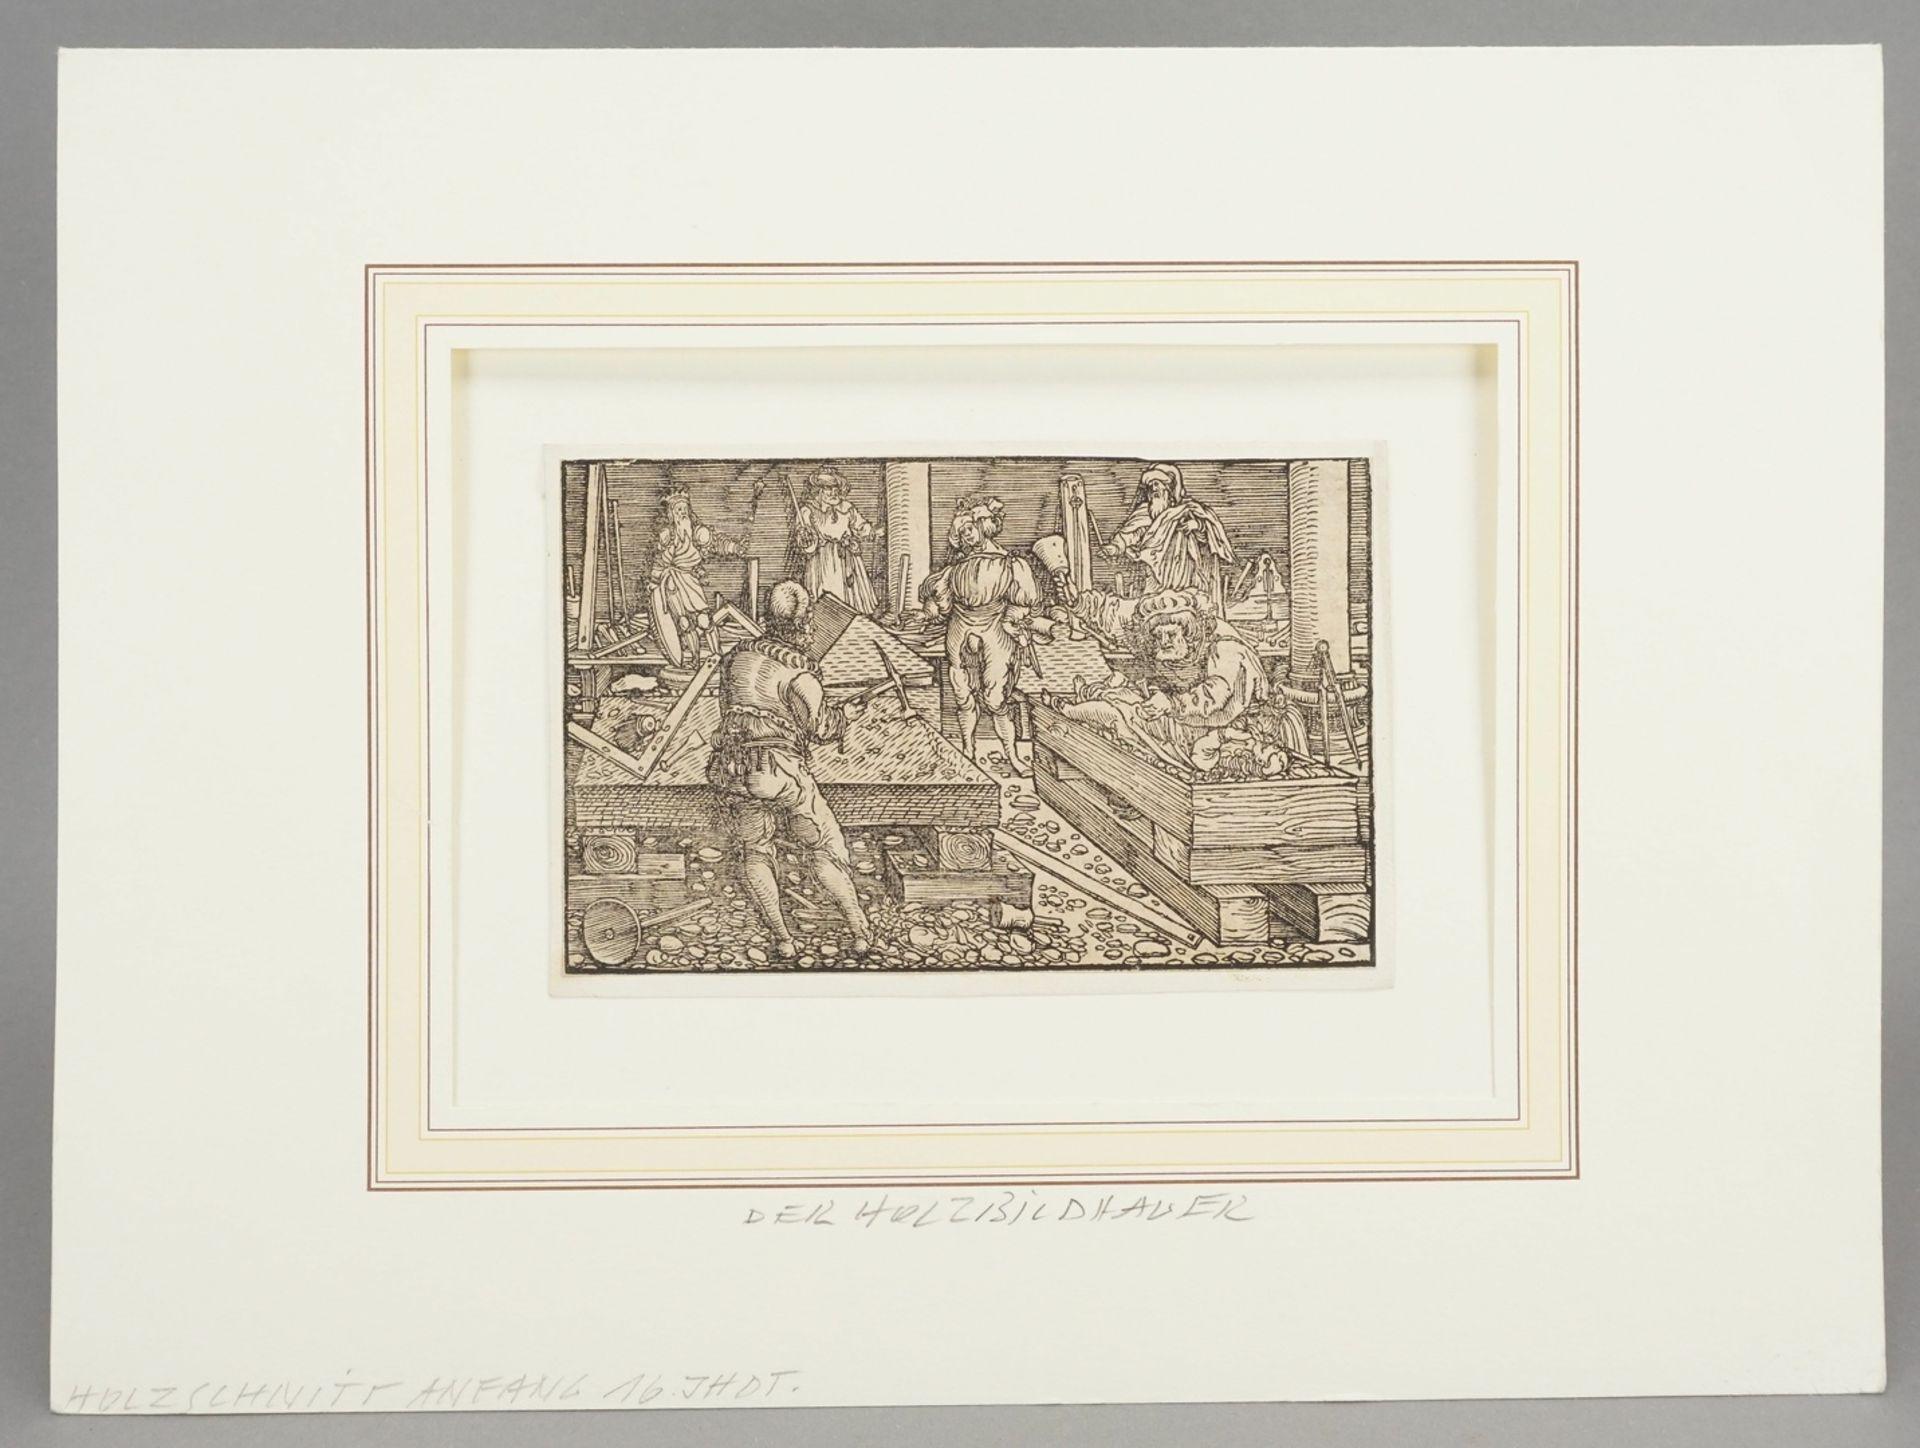 Umkreis Petrarcameister, Der Holzbildhauer - Bild 2 aus 3